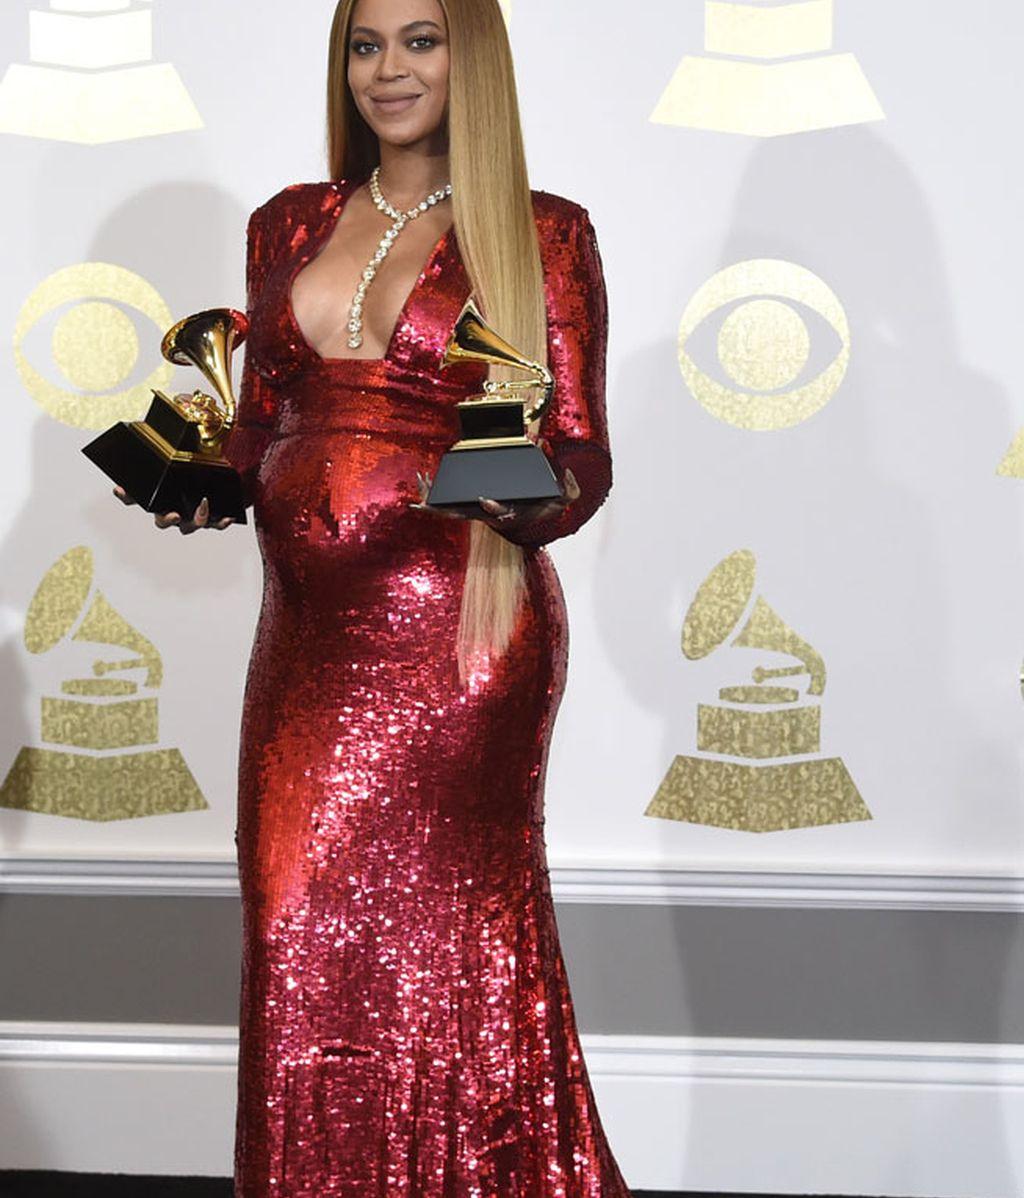 El rojo de lentejuelas de Beyoncé, marcando barriga, que se llevó dos Grammys